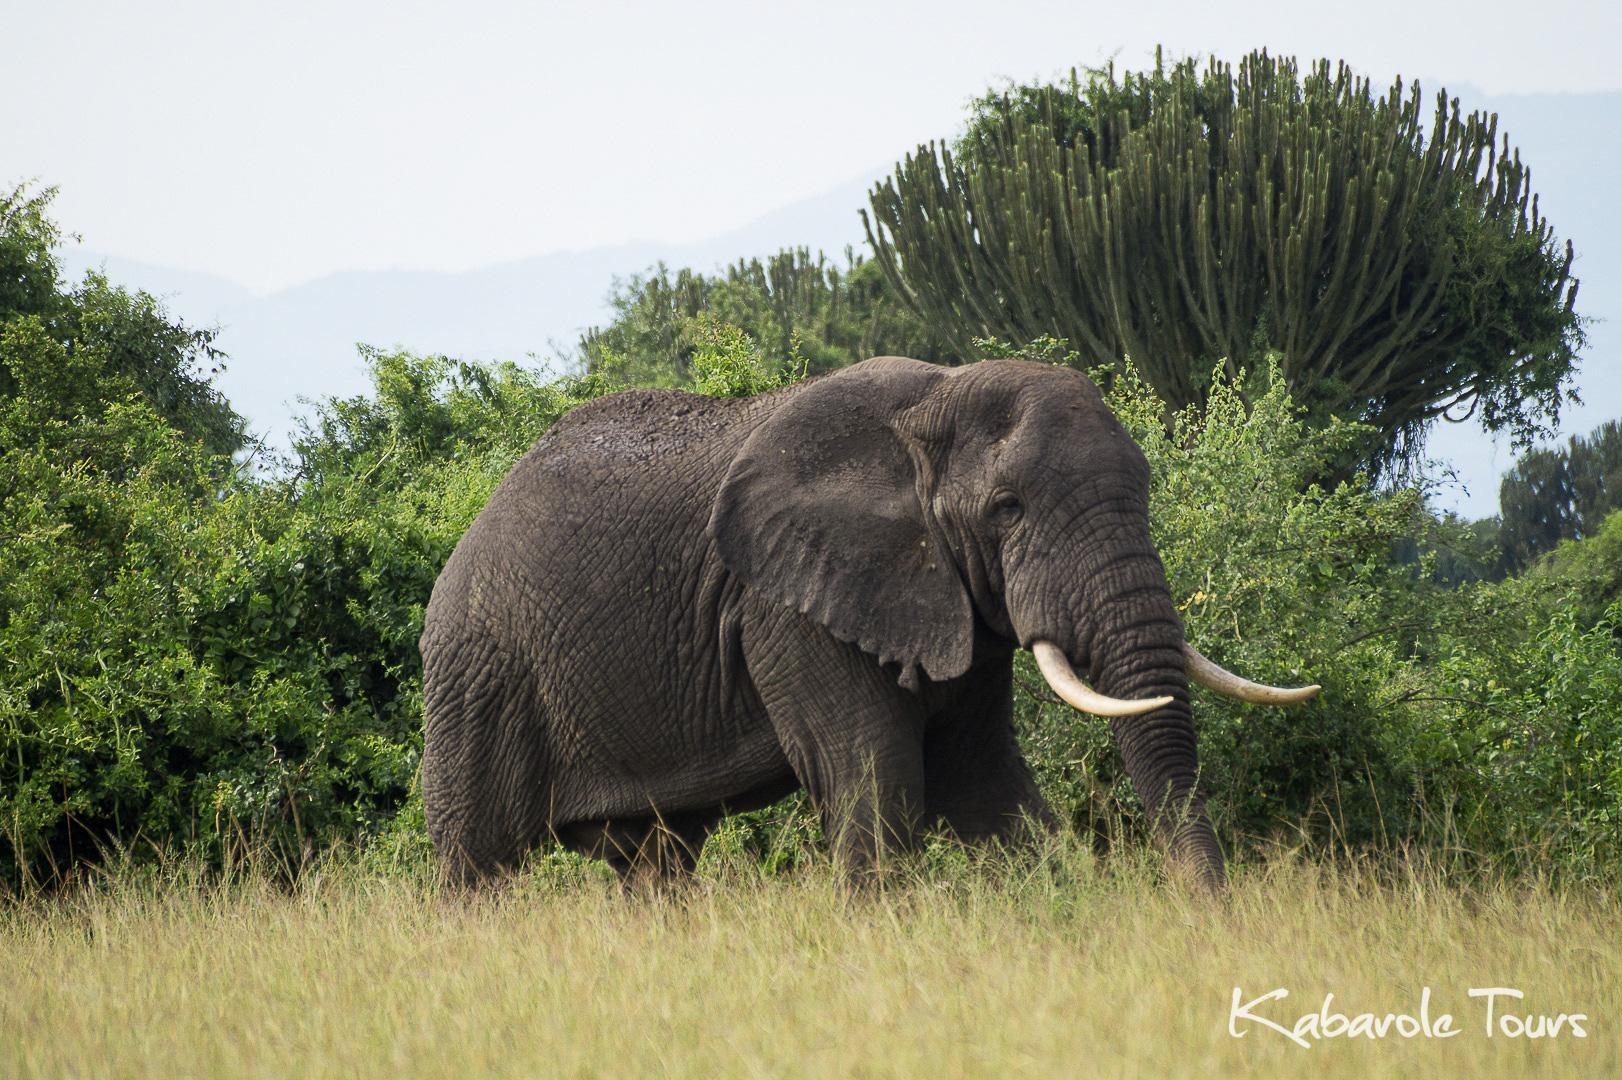 Queen Elizabeth National Park    Q.E.N.P liegt ca. 80 km südlich von Fort Portal. Es ist einer der beliebtesten Parks in Uganda mit vier verschiedenen Landschaftsarten. Der Park ist Heimat von fast 100 Arten von Säugetieren, wie z.B. Elefanten, Nilpferde, Leoparden und Löwen. Im südlichen Teil kann man außerdem die seltenen Baum kletternden Löwen sehen.